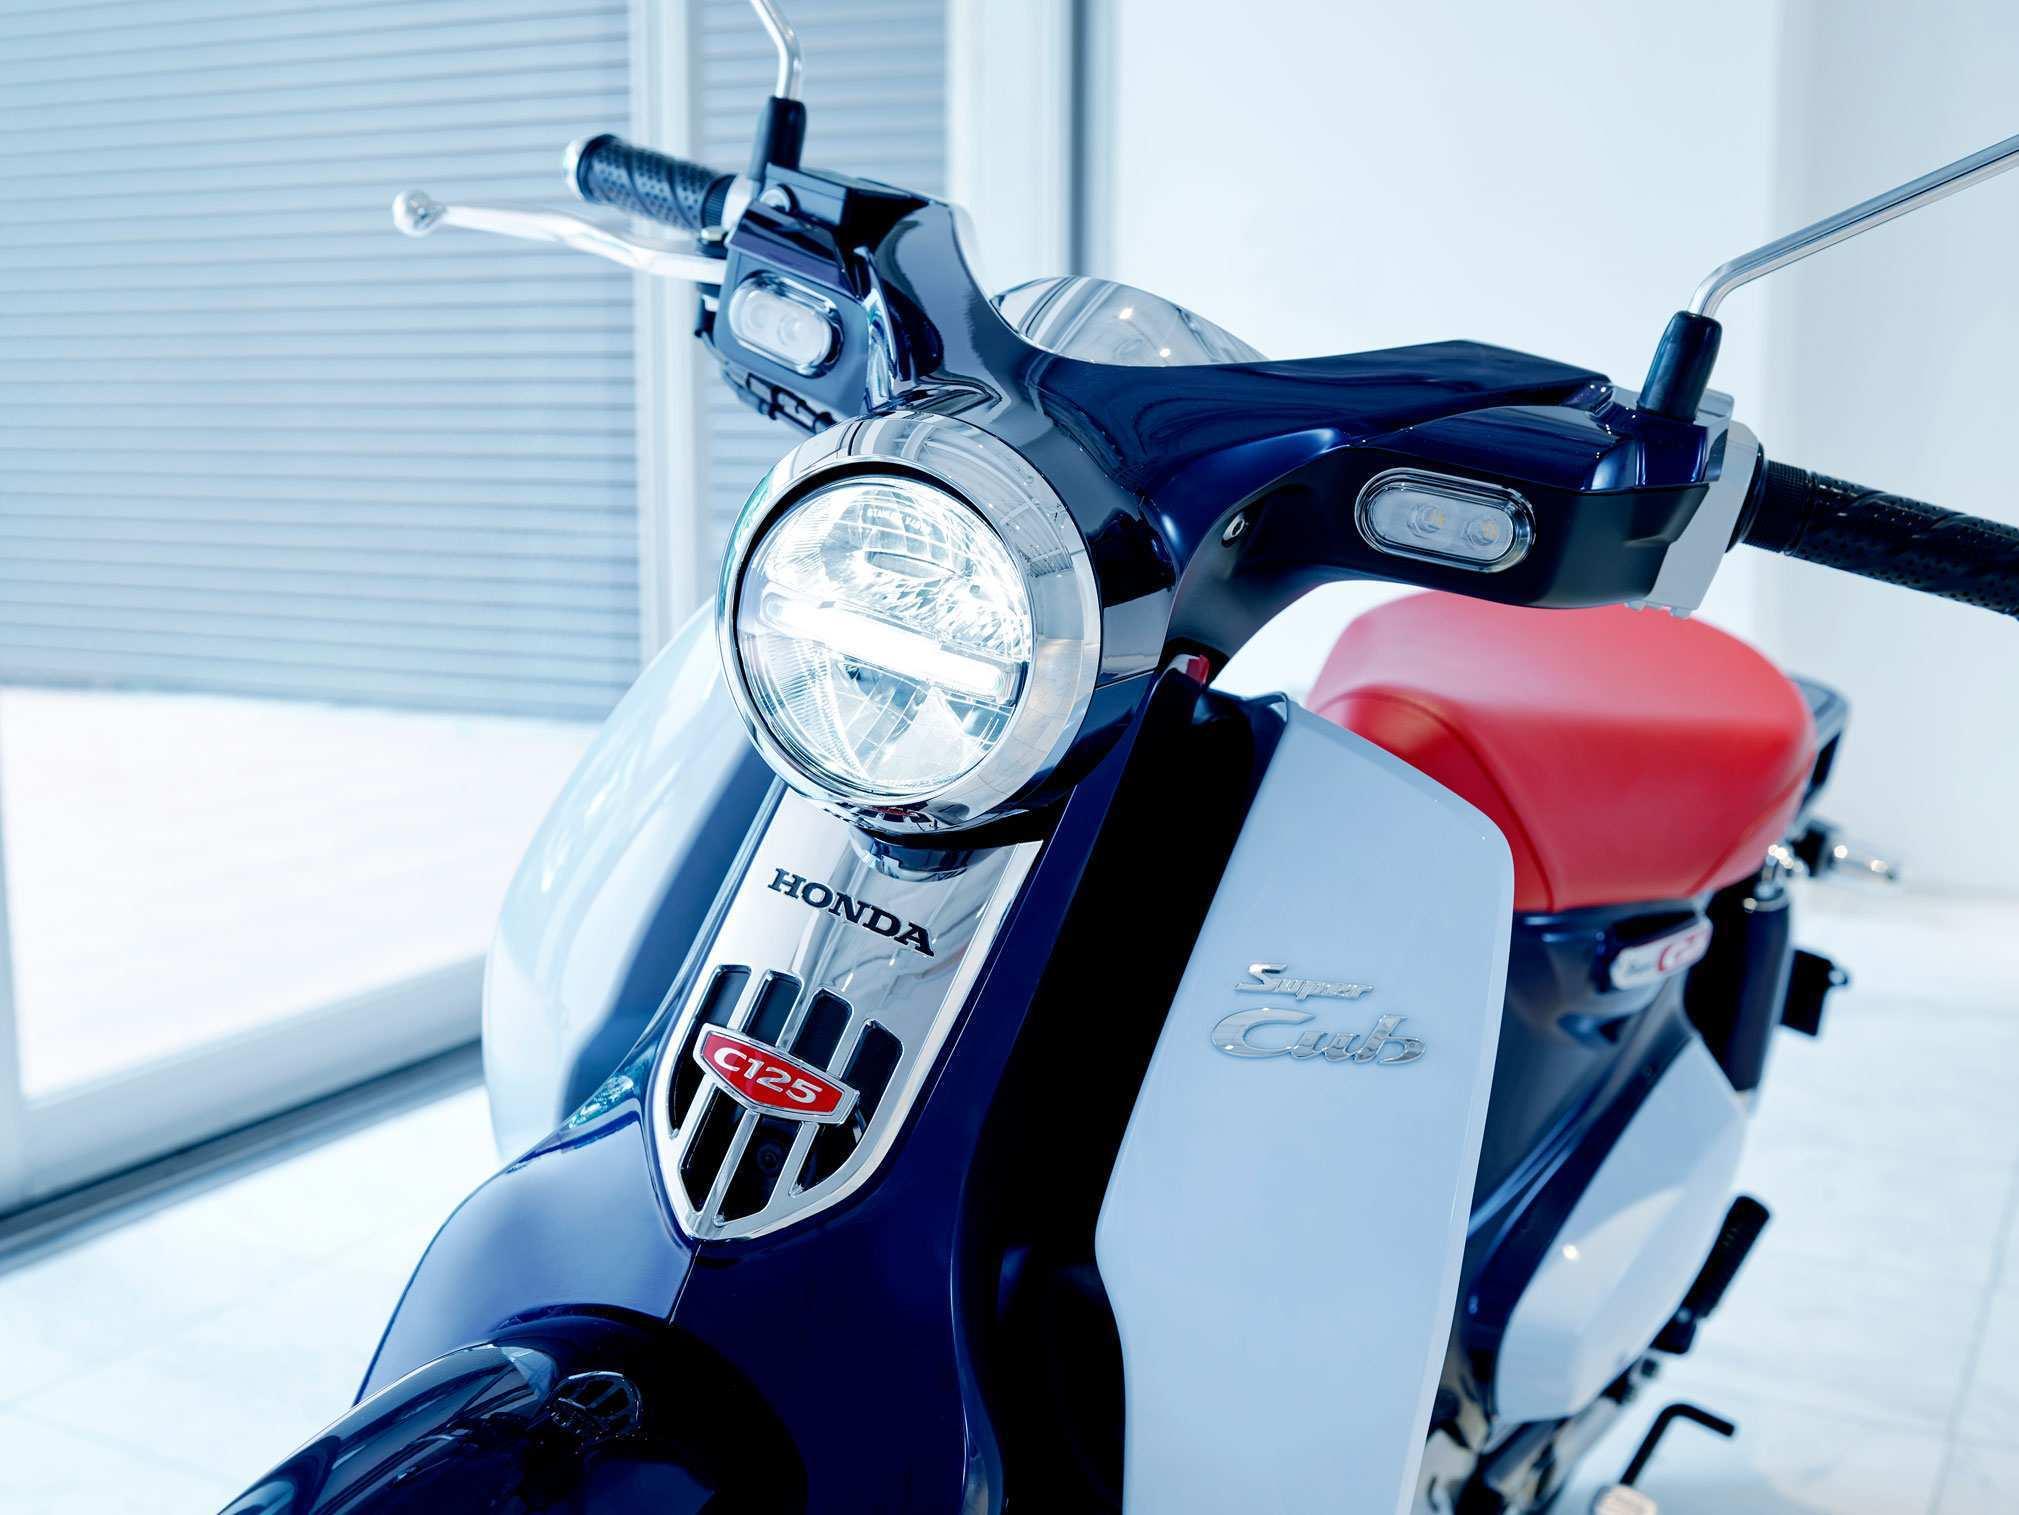 71 Best Review 2019 Honda Super Cub Model by 2019 Honda Super Cub